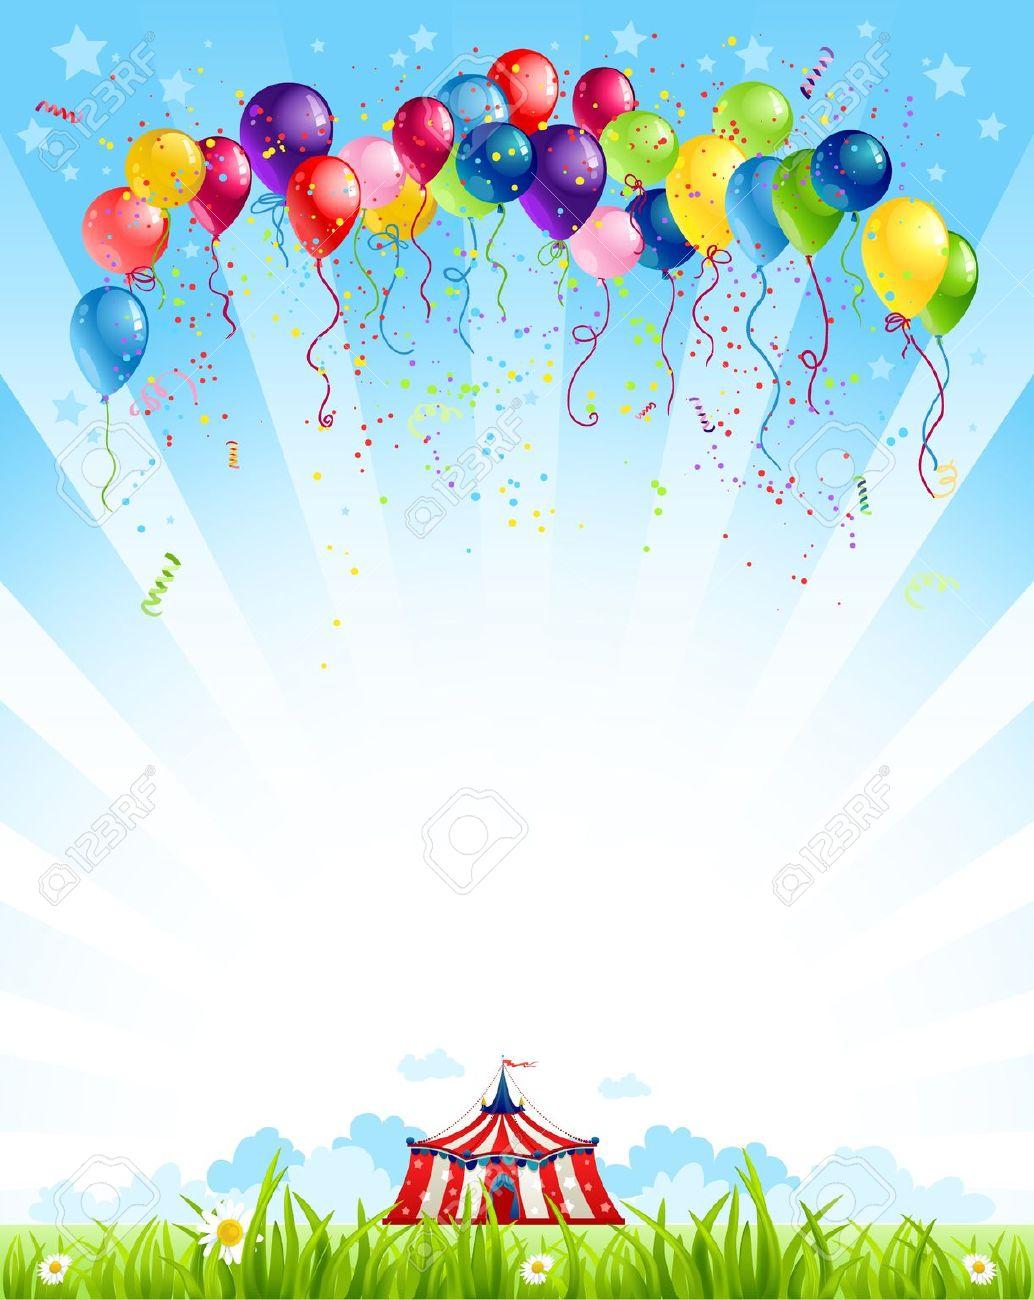 Le ciel clipart image free stock Voyager Cirque Sous Le Ciel Bleu Et Bouquet De Ballons Clip Art ... image free stock